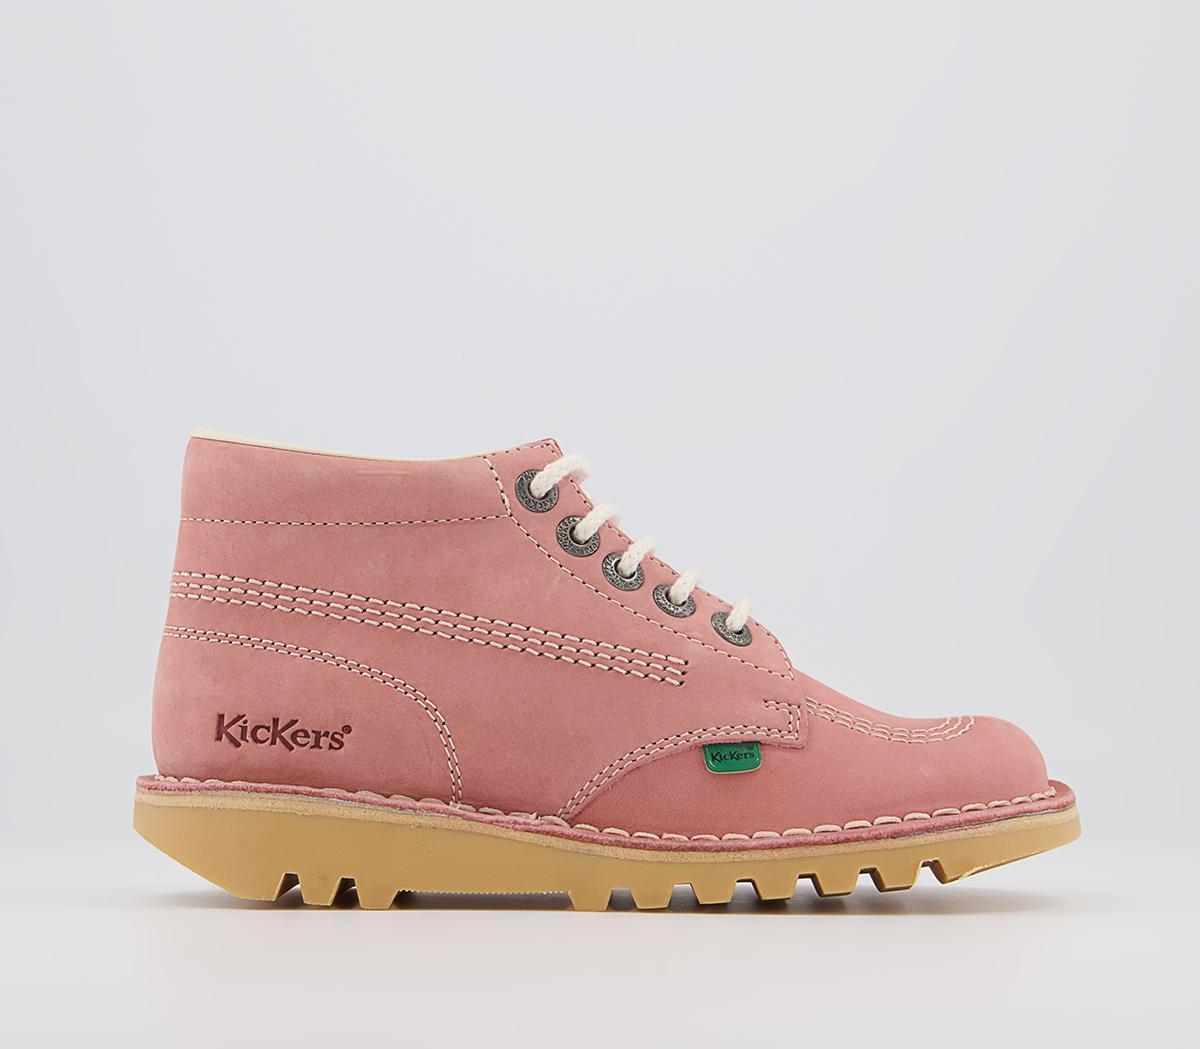 Kick Hi Boots